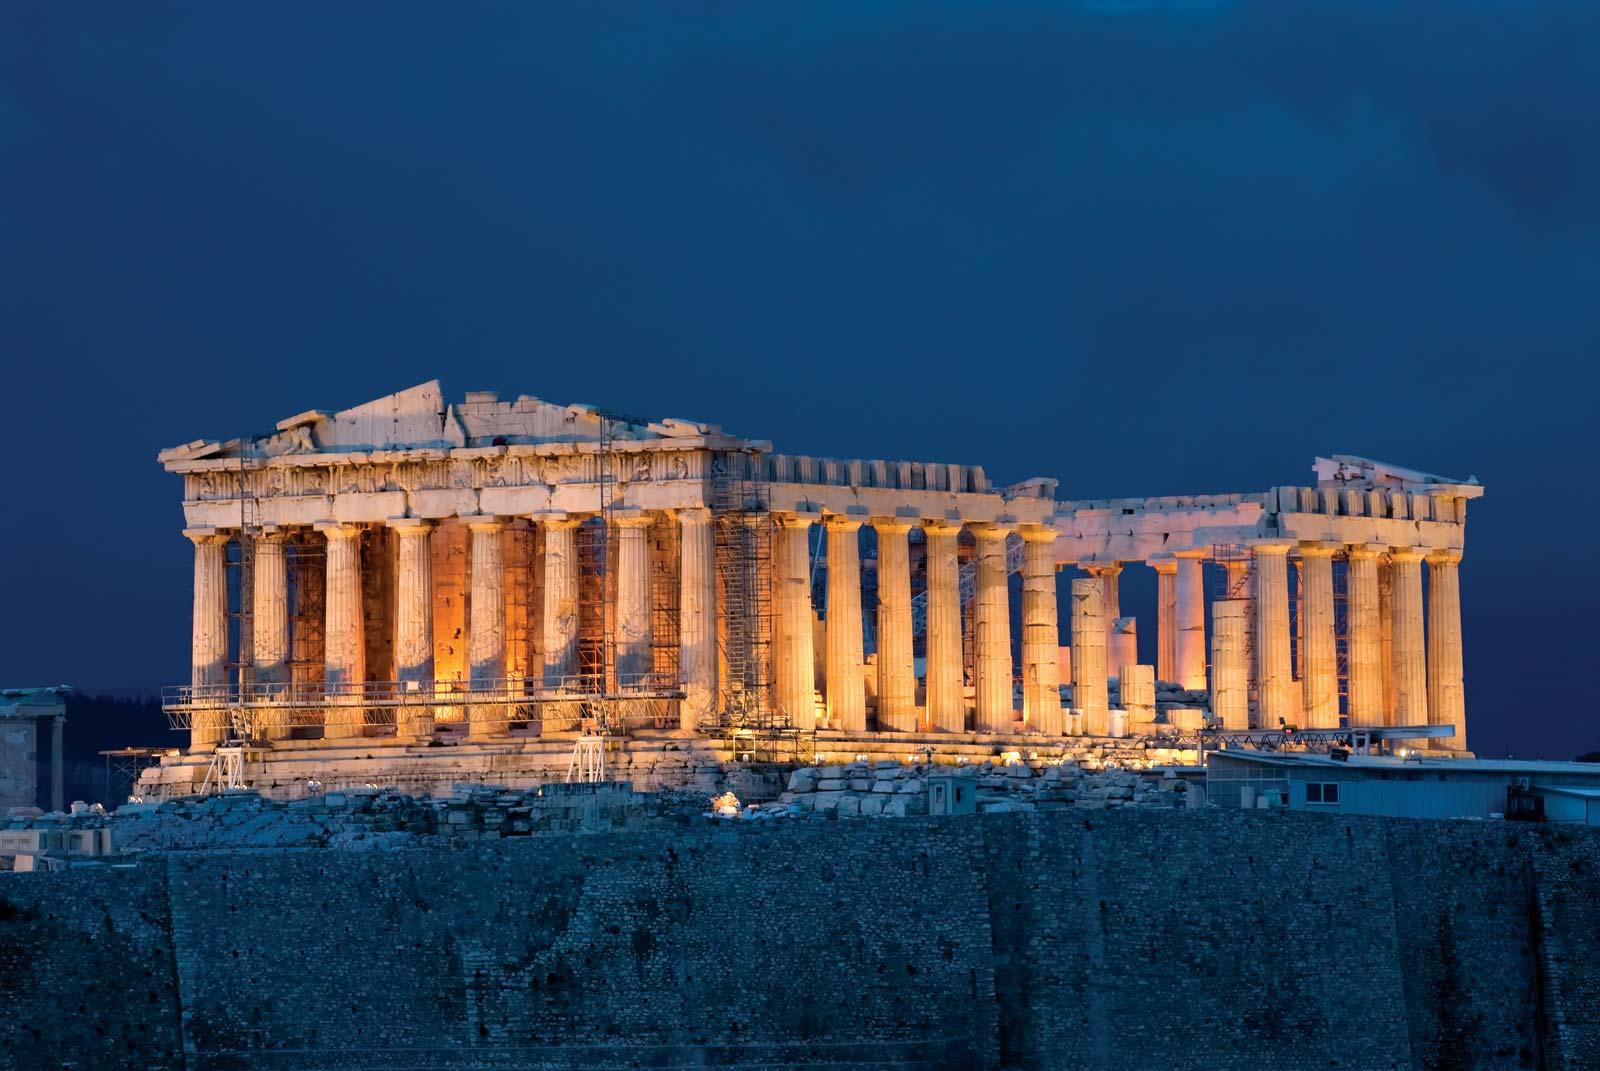 أشهر المعالم السياحية في العالم - البارثينون